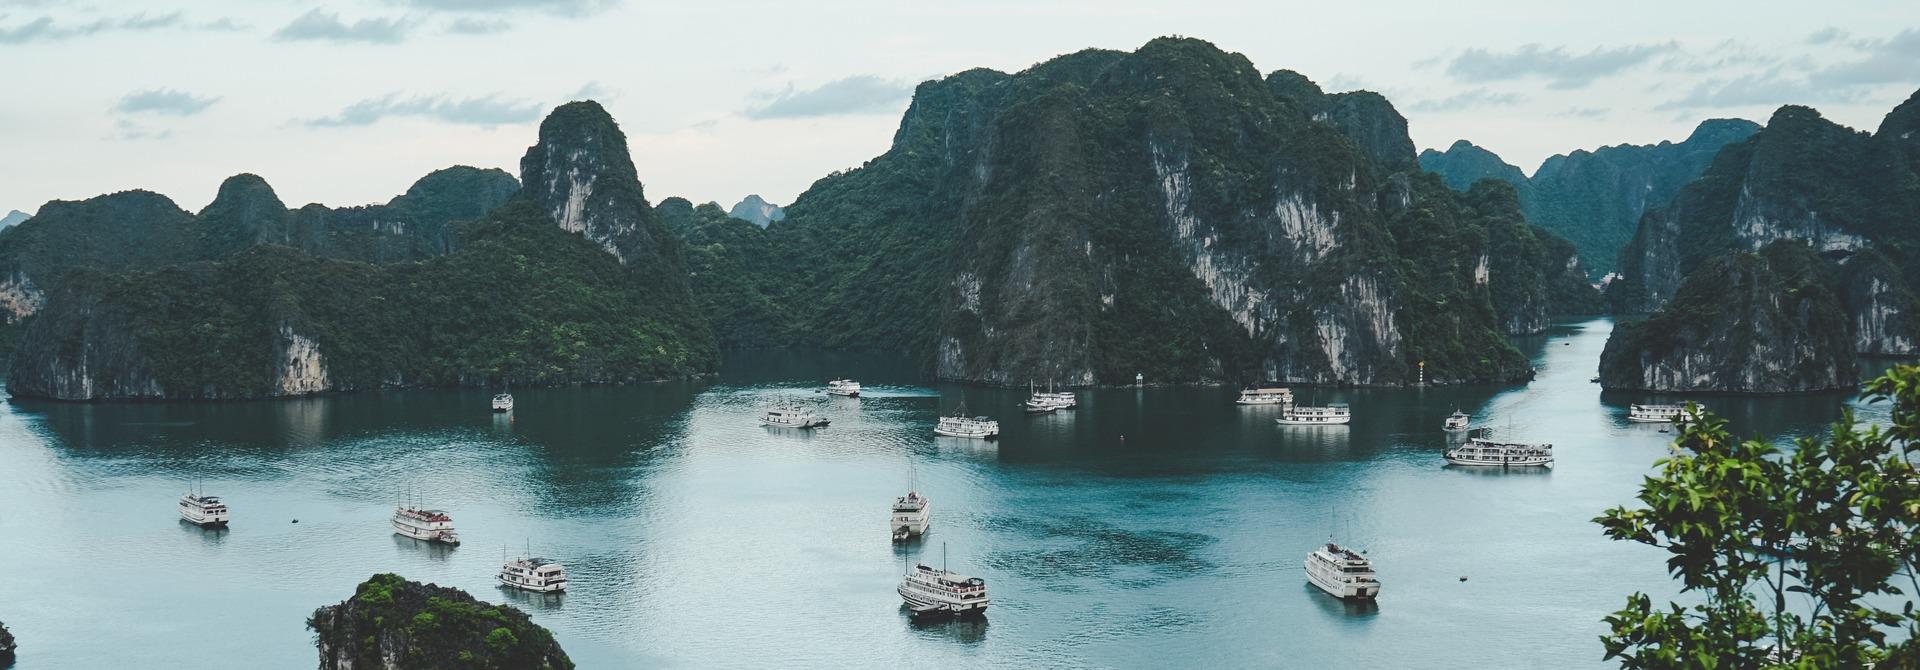 Какой курорт Вьетнама лучше - Нячанг или Фантьет